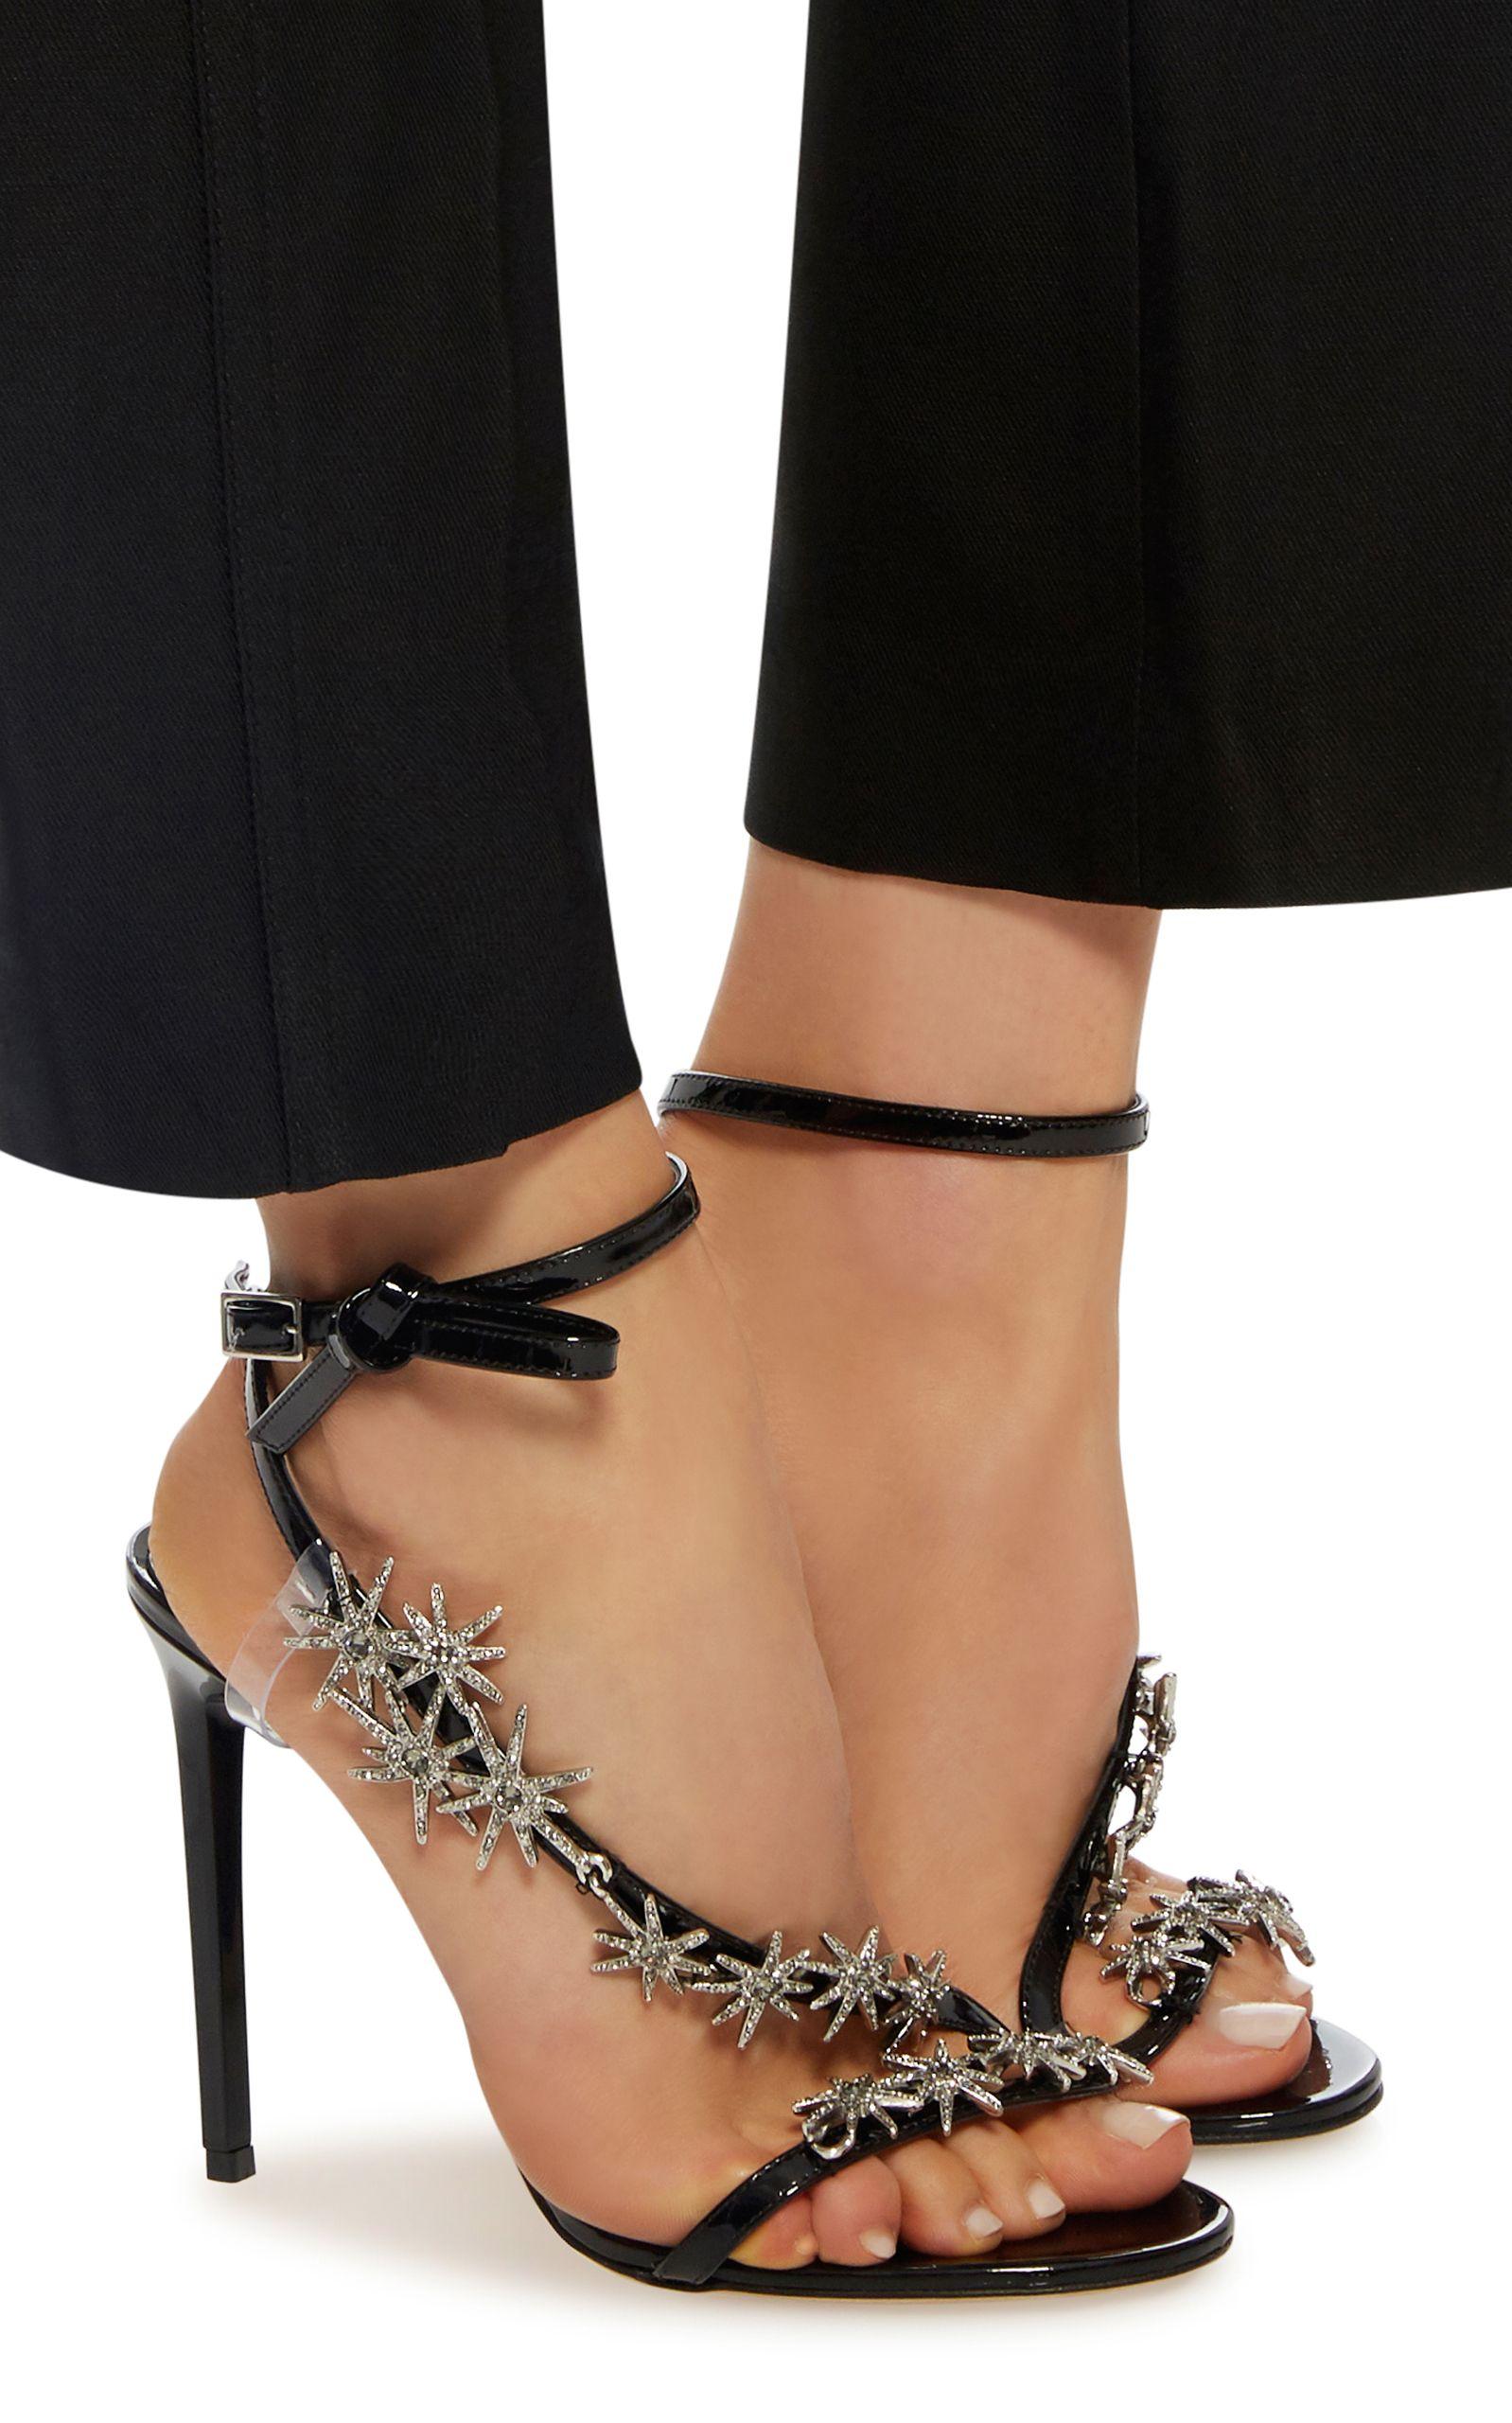 Oscar de la Renta Snakeskin Embellished Sandals sale clearance store cheap sale very cheap tpwndwzj